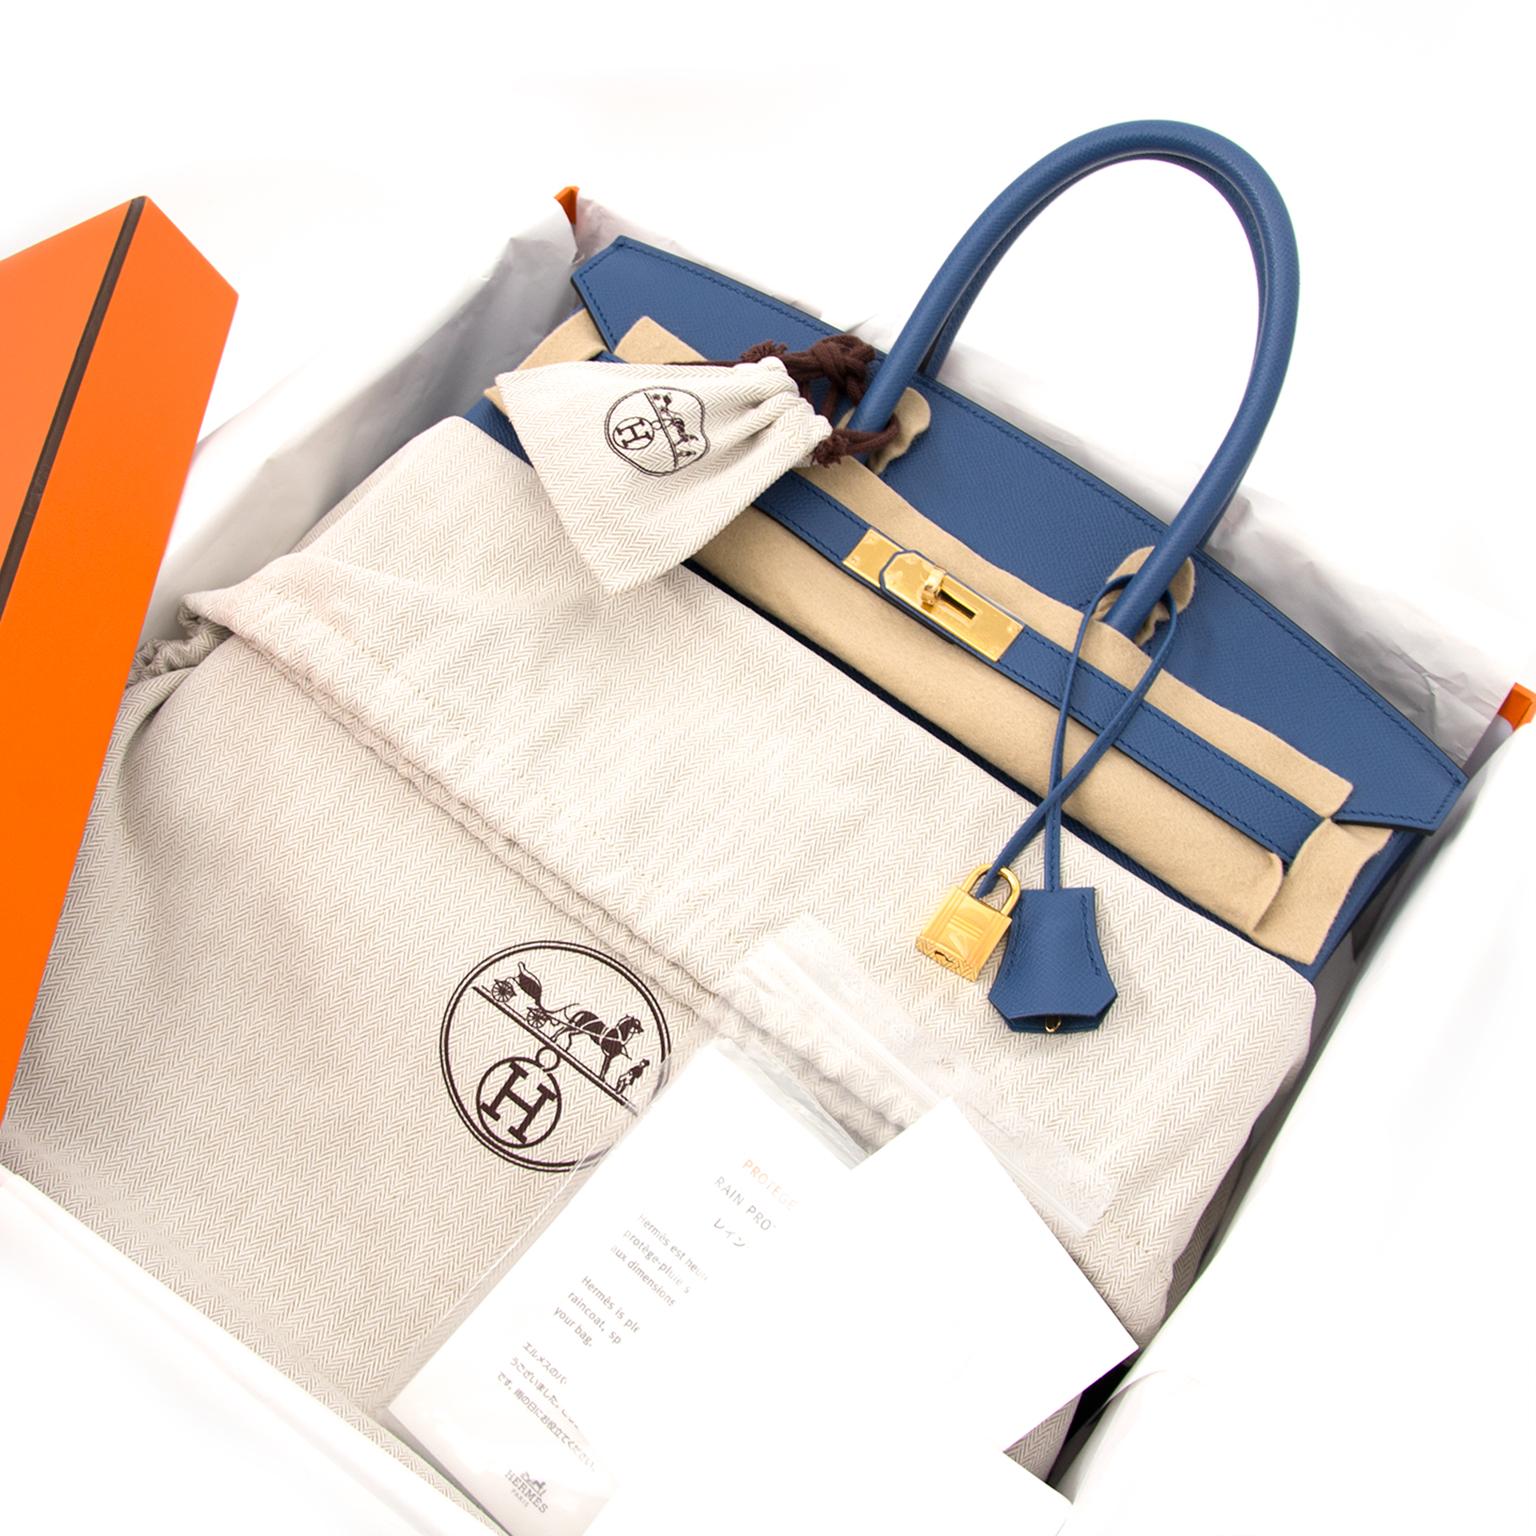 buy safe and secure online at labellov.com hermes birkin 35 bleu agathe ghw